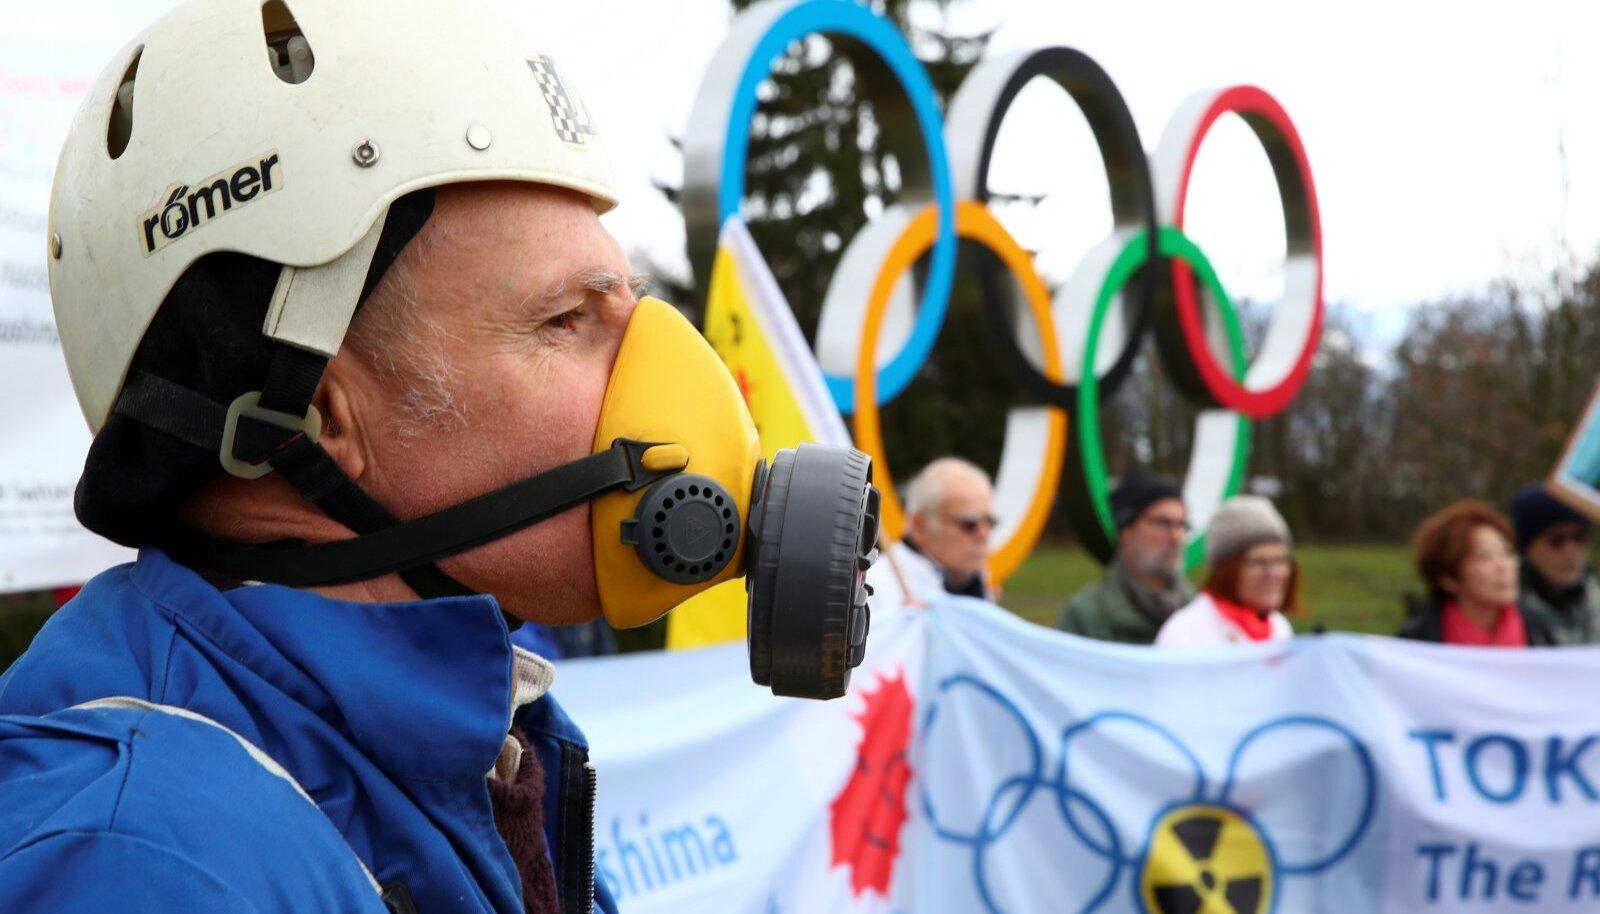 Pole välistatud ka stsenaarium, et olümpia korraldatakse nõnda, et atleedid on sisuliselt karantiinis ja publik kodus teleri ees.